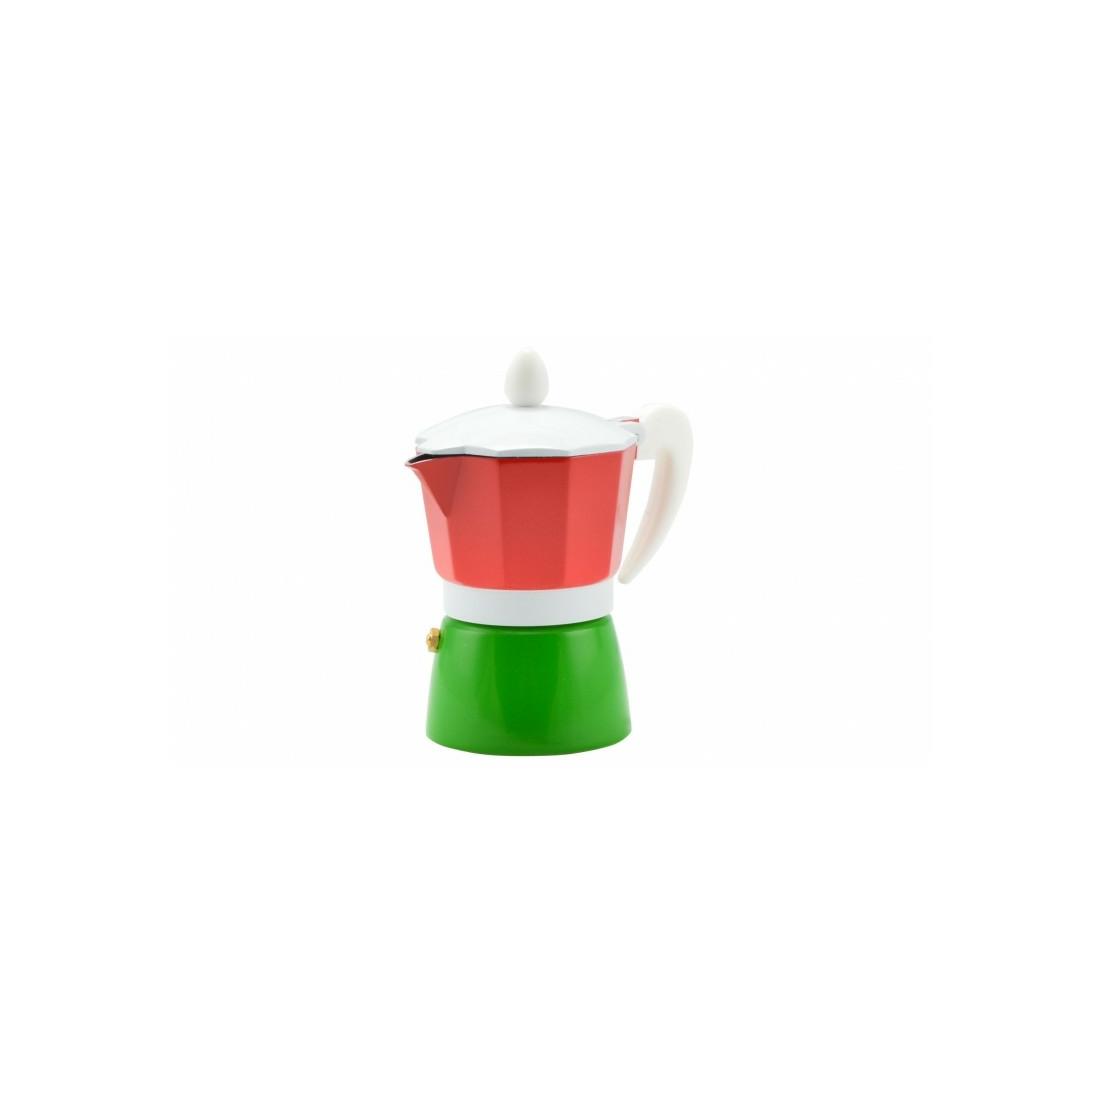 Kávéfőző alumínium 3 személyes piros-zöld